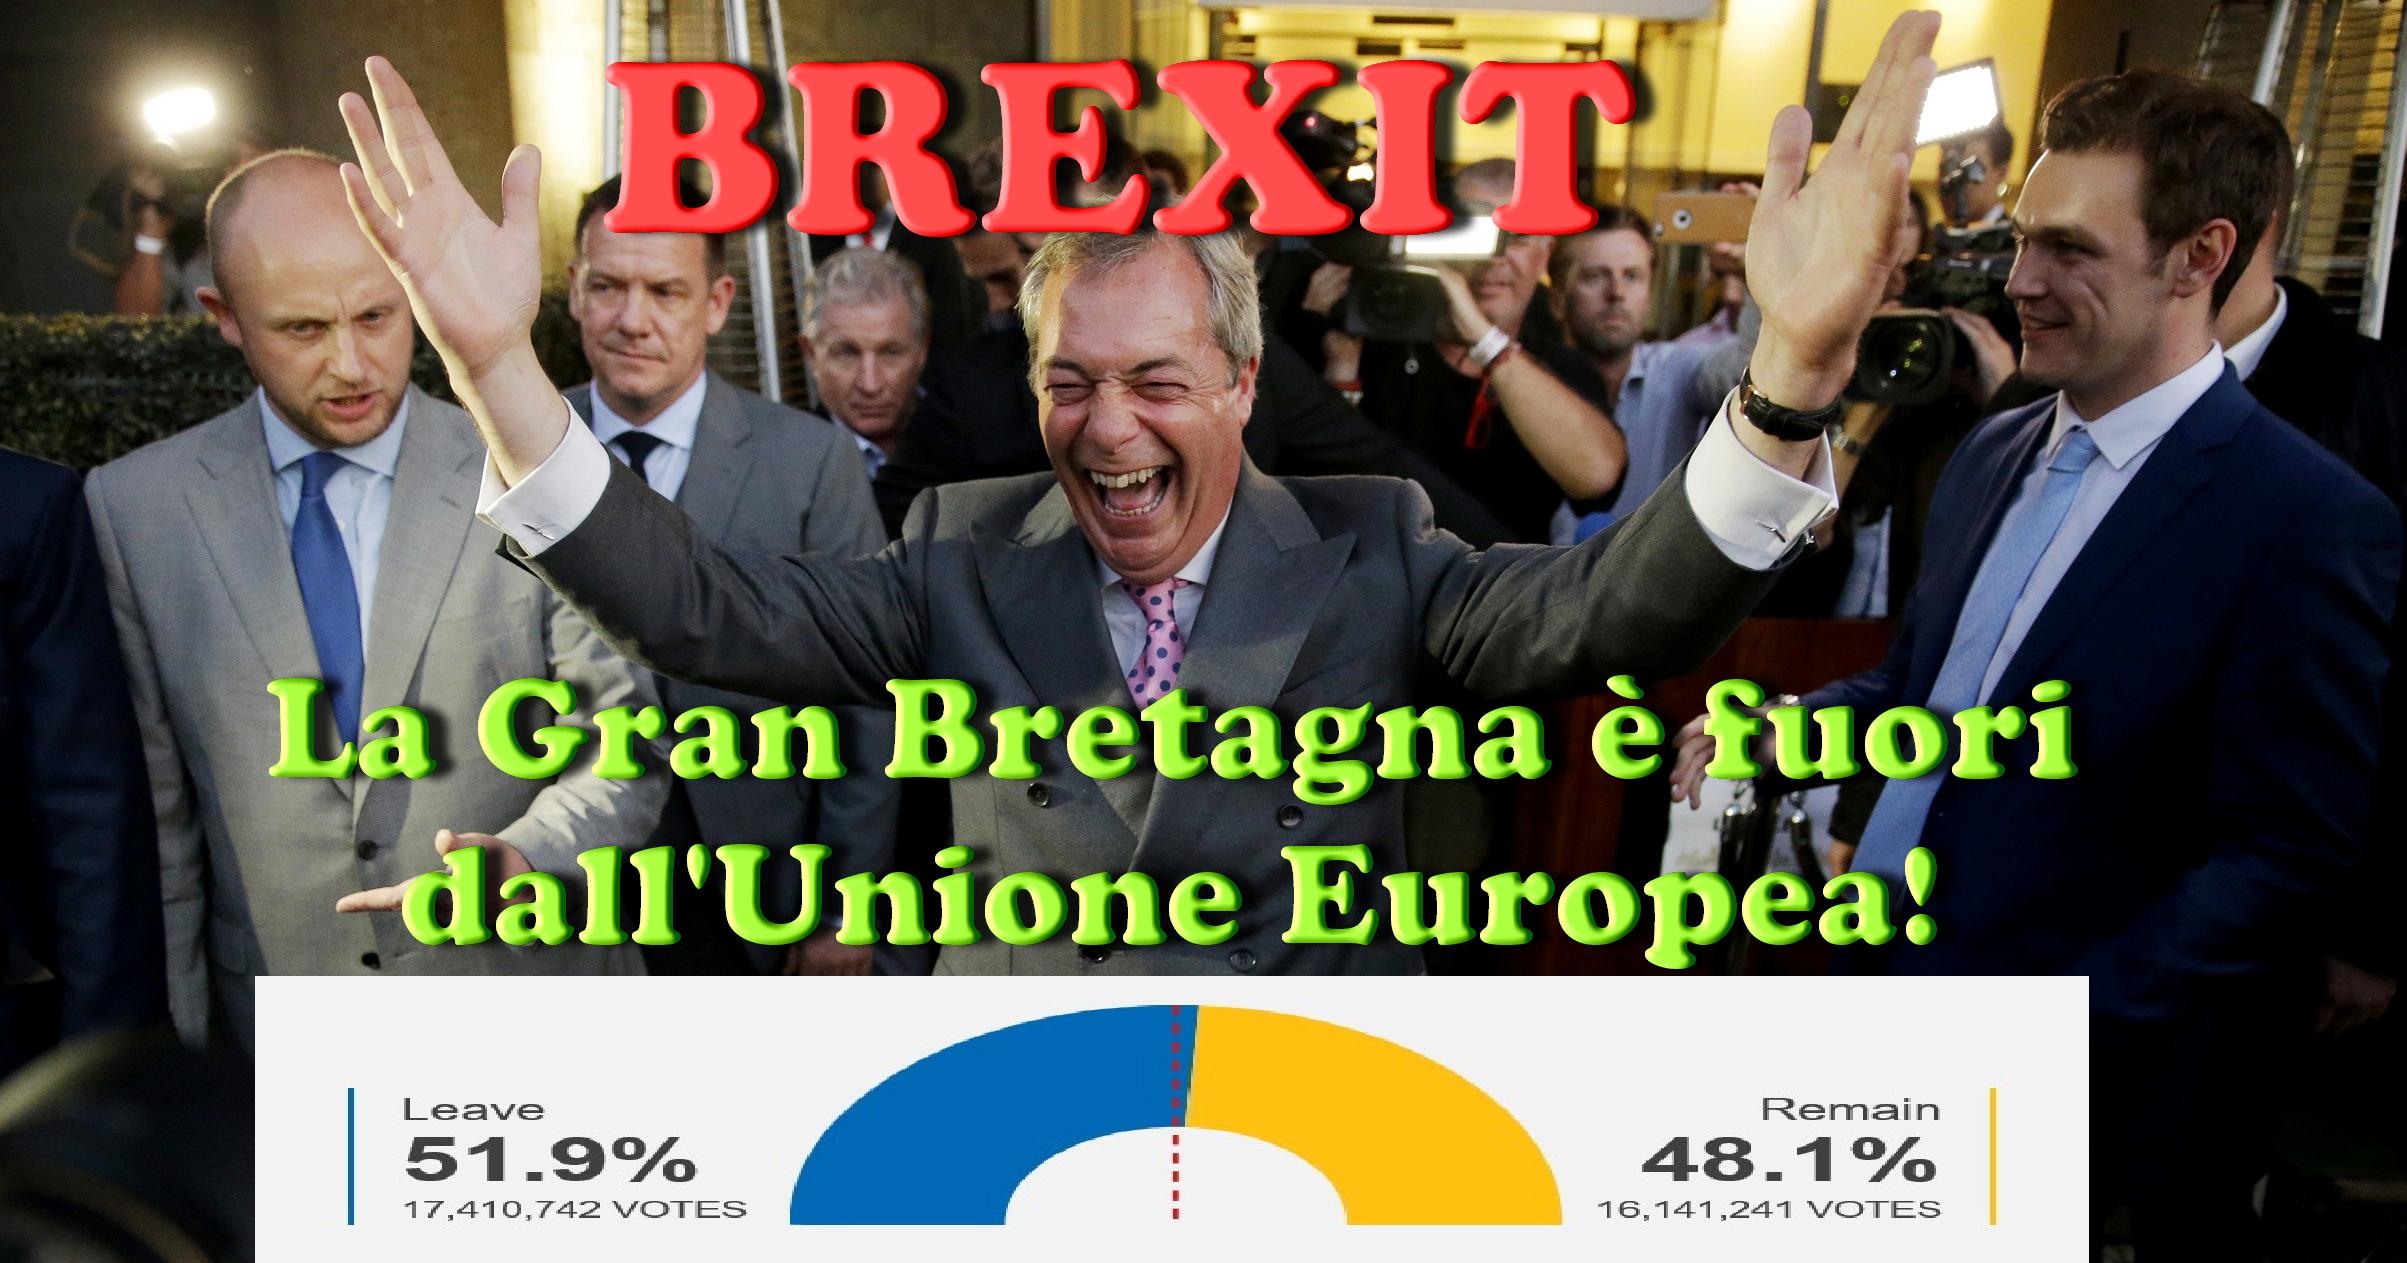 La Gran Bretagna è fuori dall'Unione Europea, questo il clamoroso risultato del referendum votato ieri, di cui si è avuta conferma definitiva questa mattina.La brexit ha ribaltato i sondaggi della […]